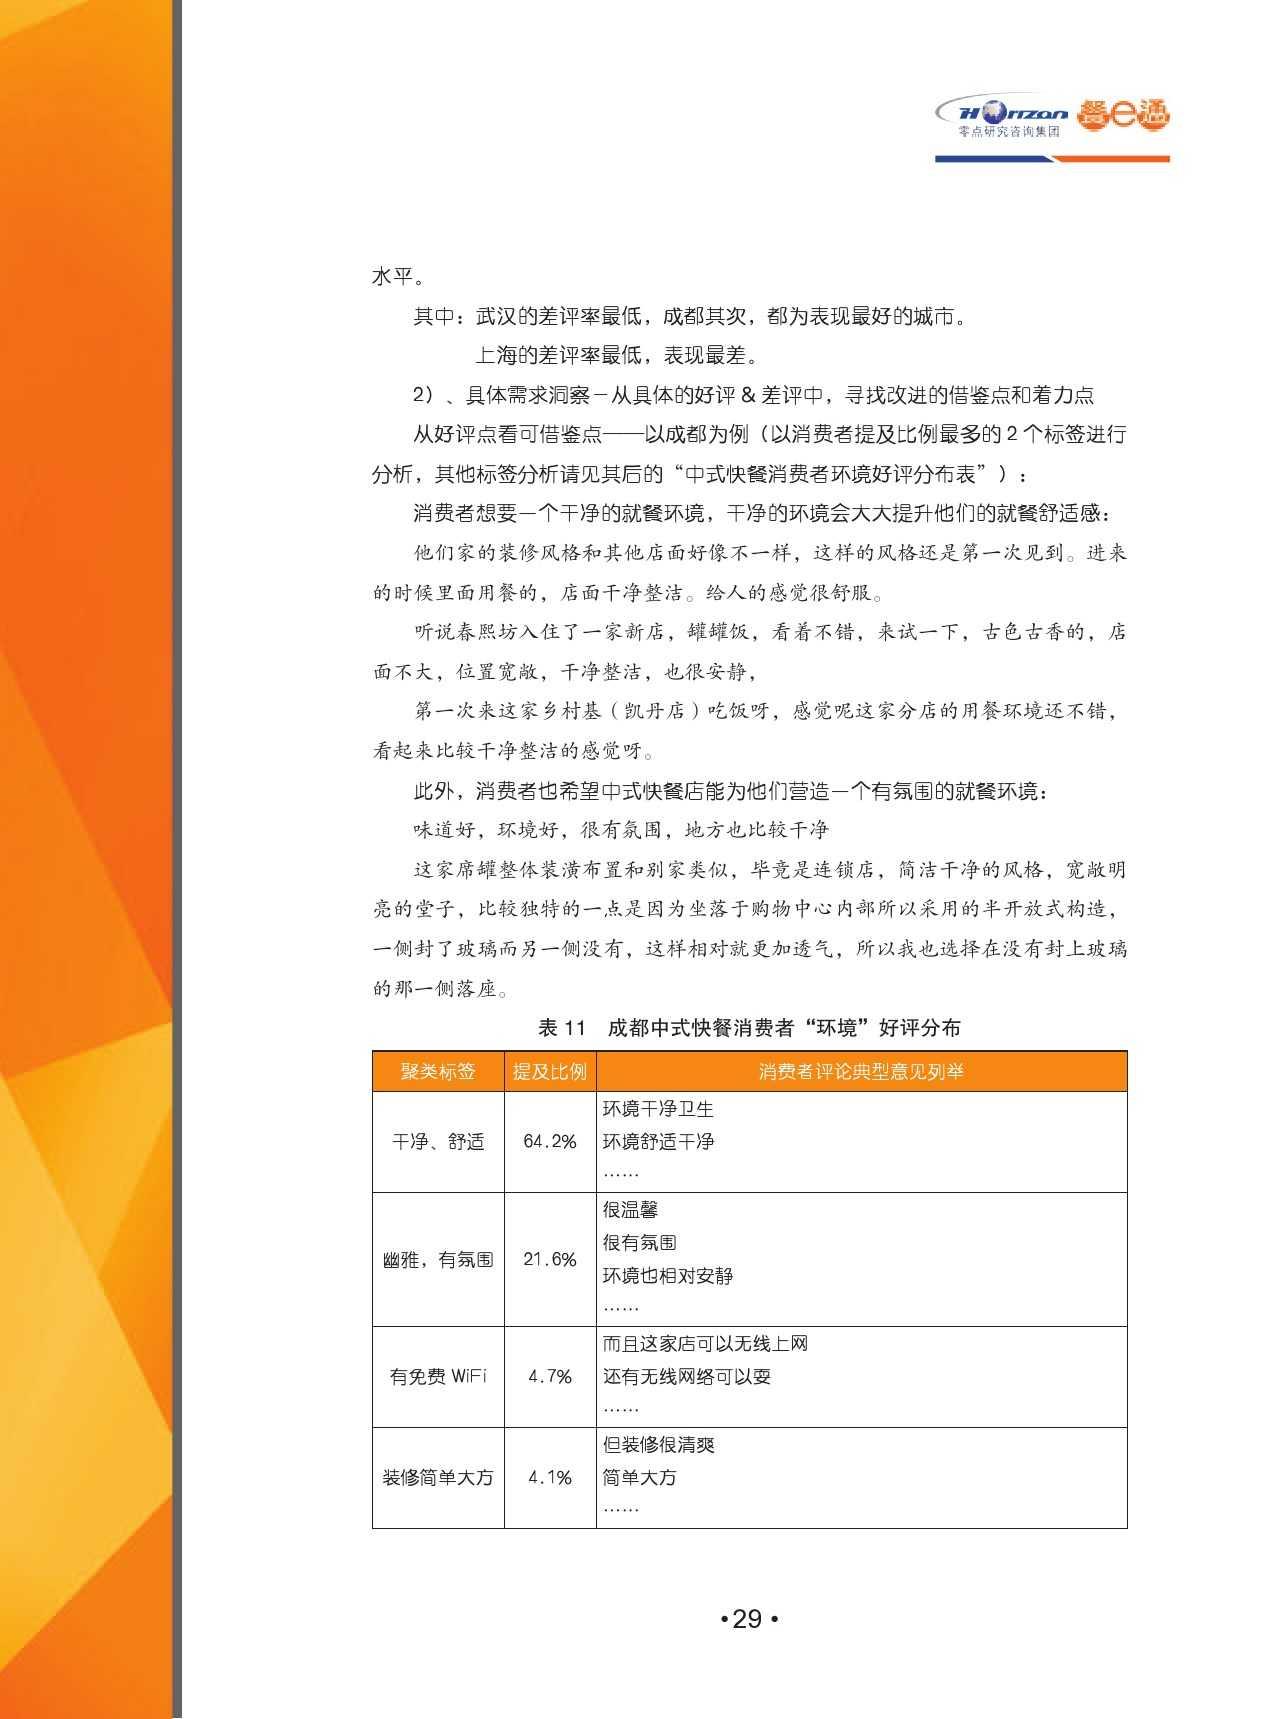 2015中国餐饮消费需求大数据分析报告_000031